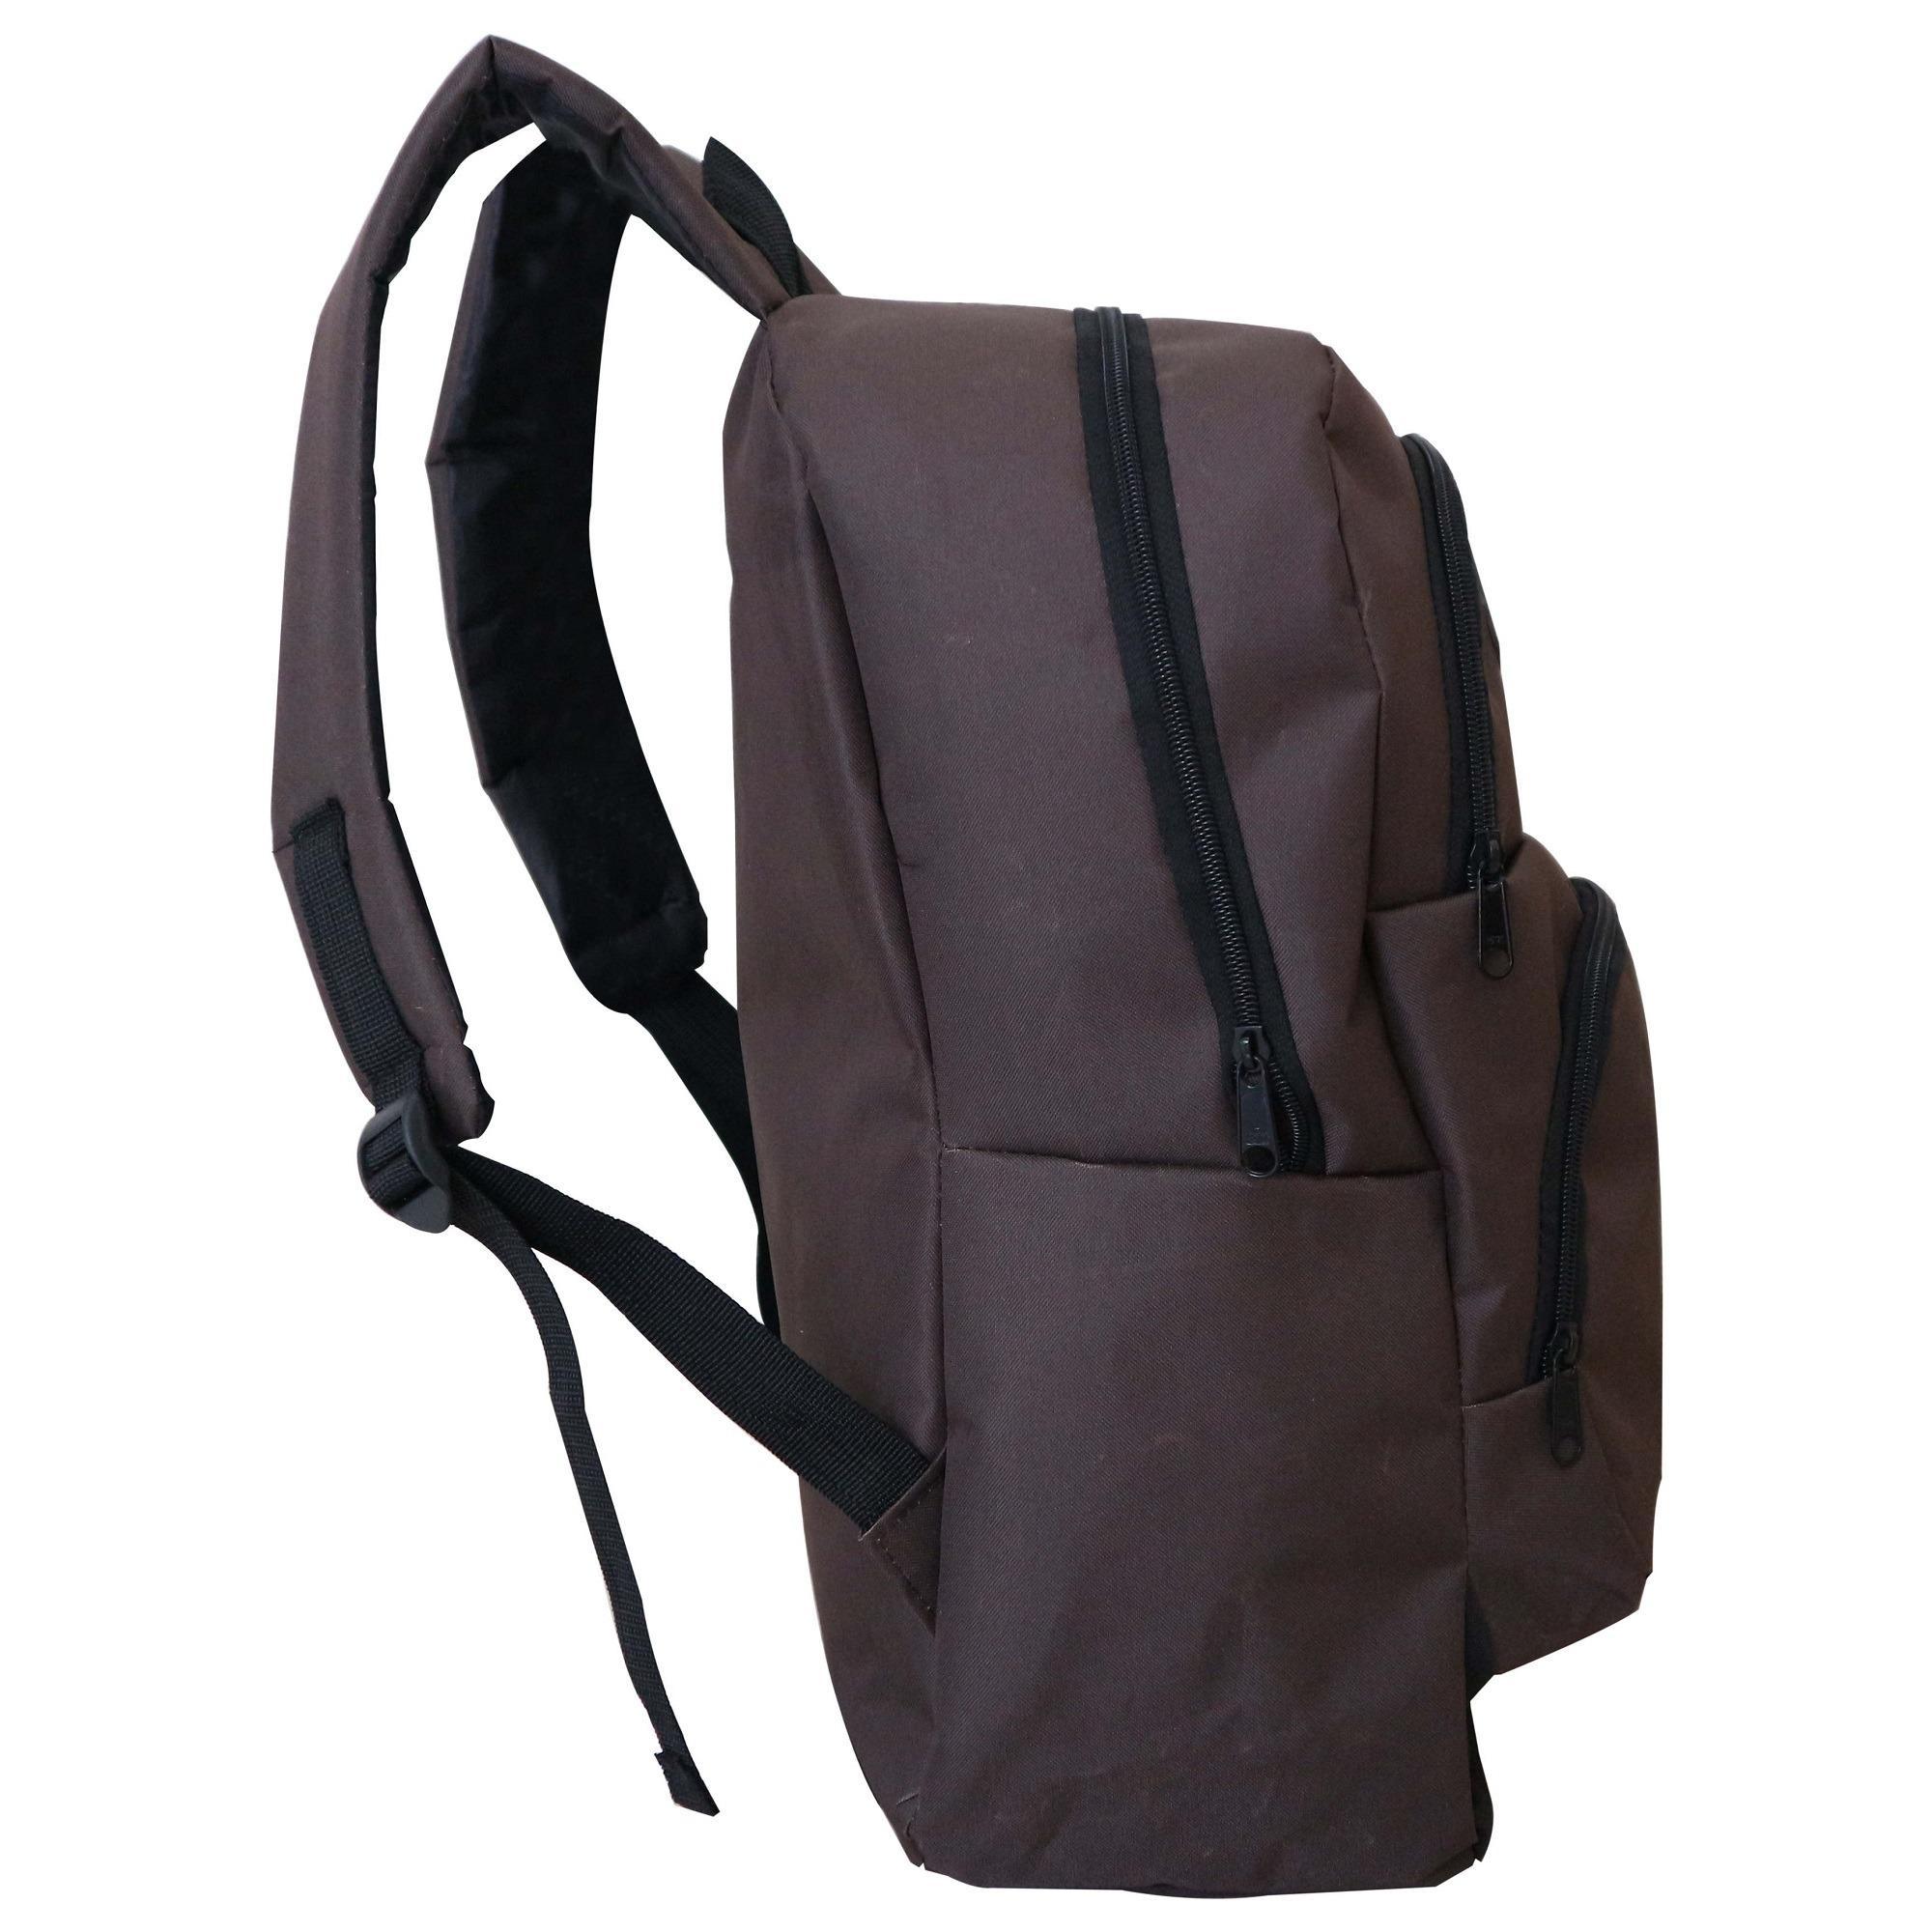 ... Tas Ransel Distro Backpack Pria Wanita Tas Travelling - 5